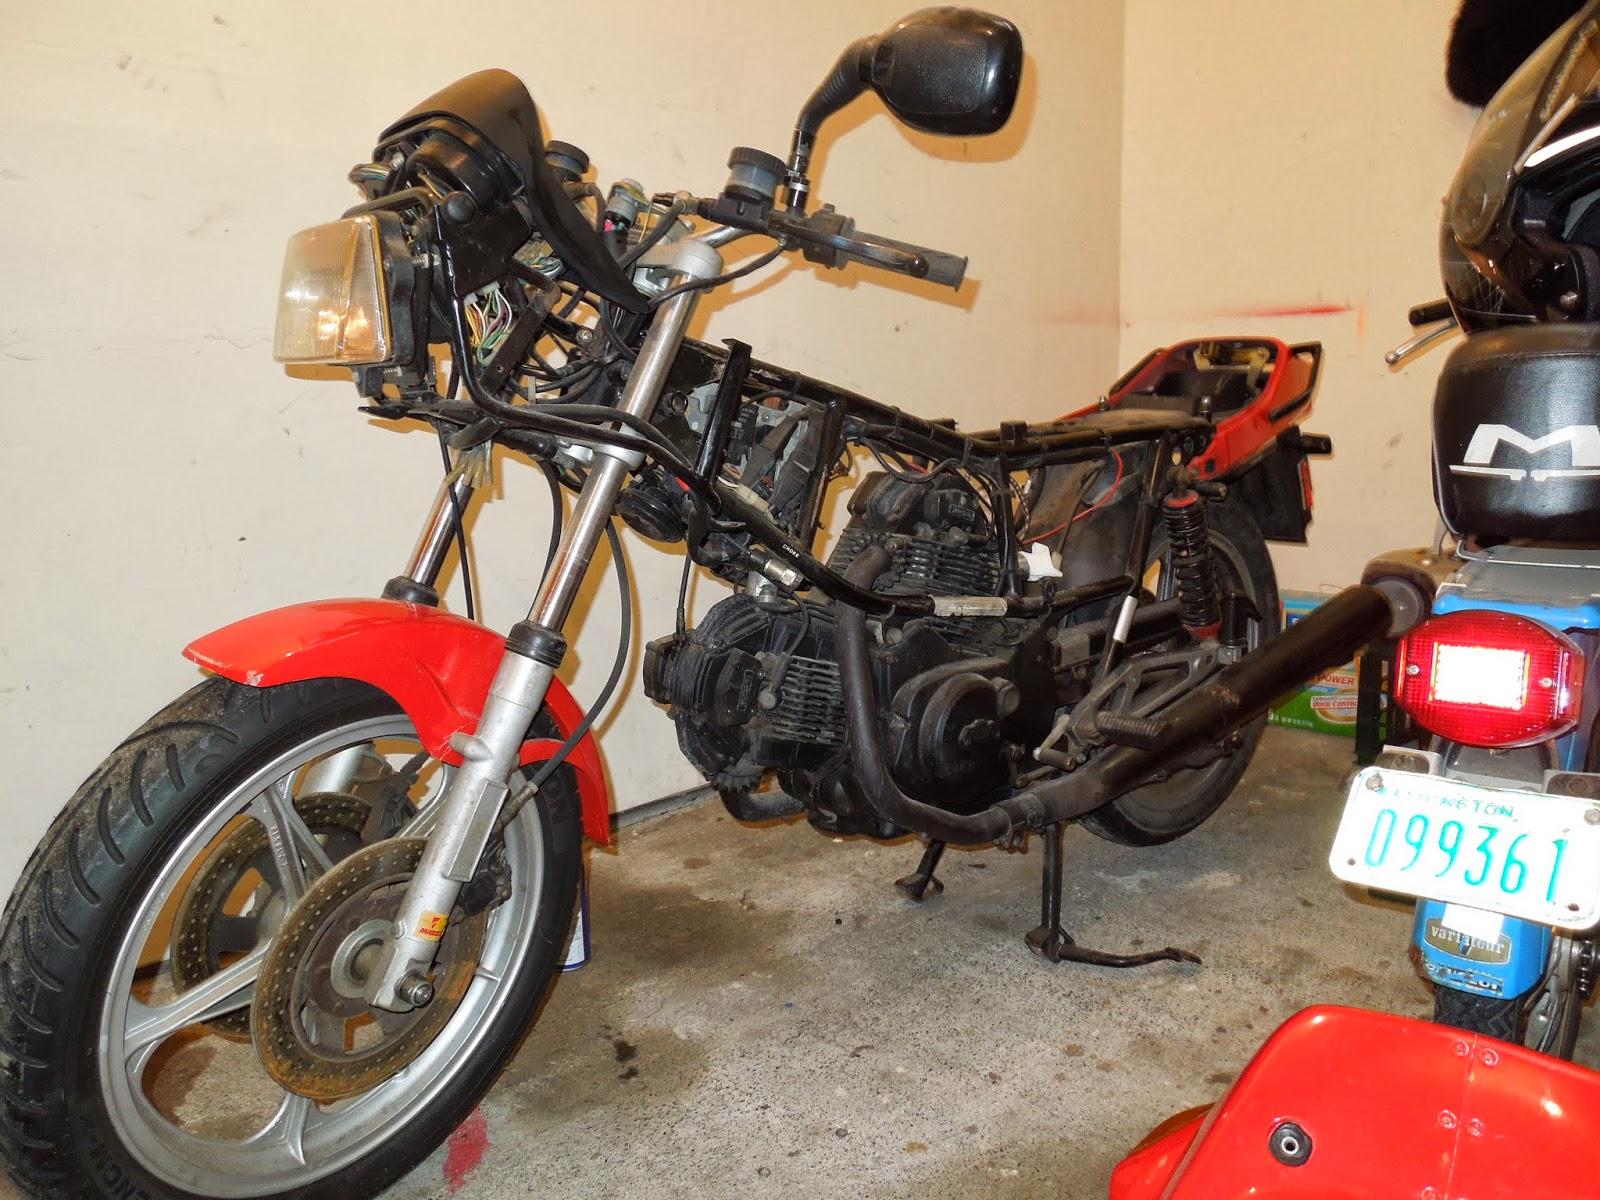 Alazzurra 650 ss 1985 Cagiva Alazzurra 650 ss